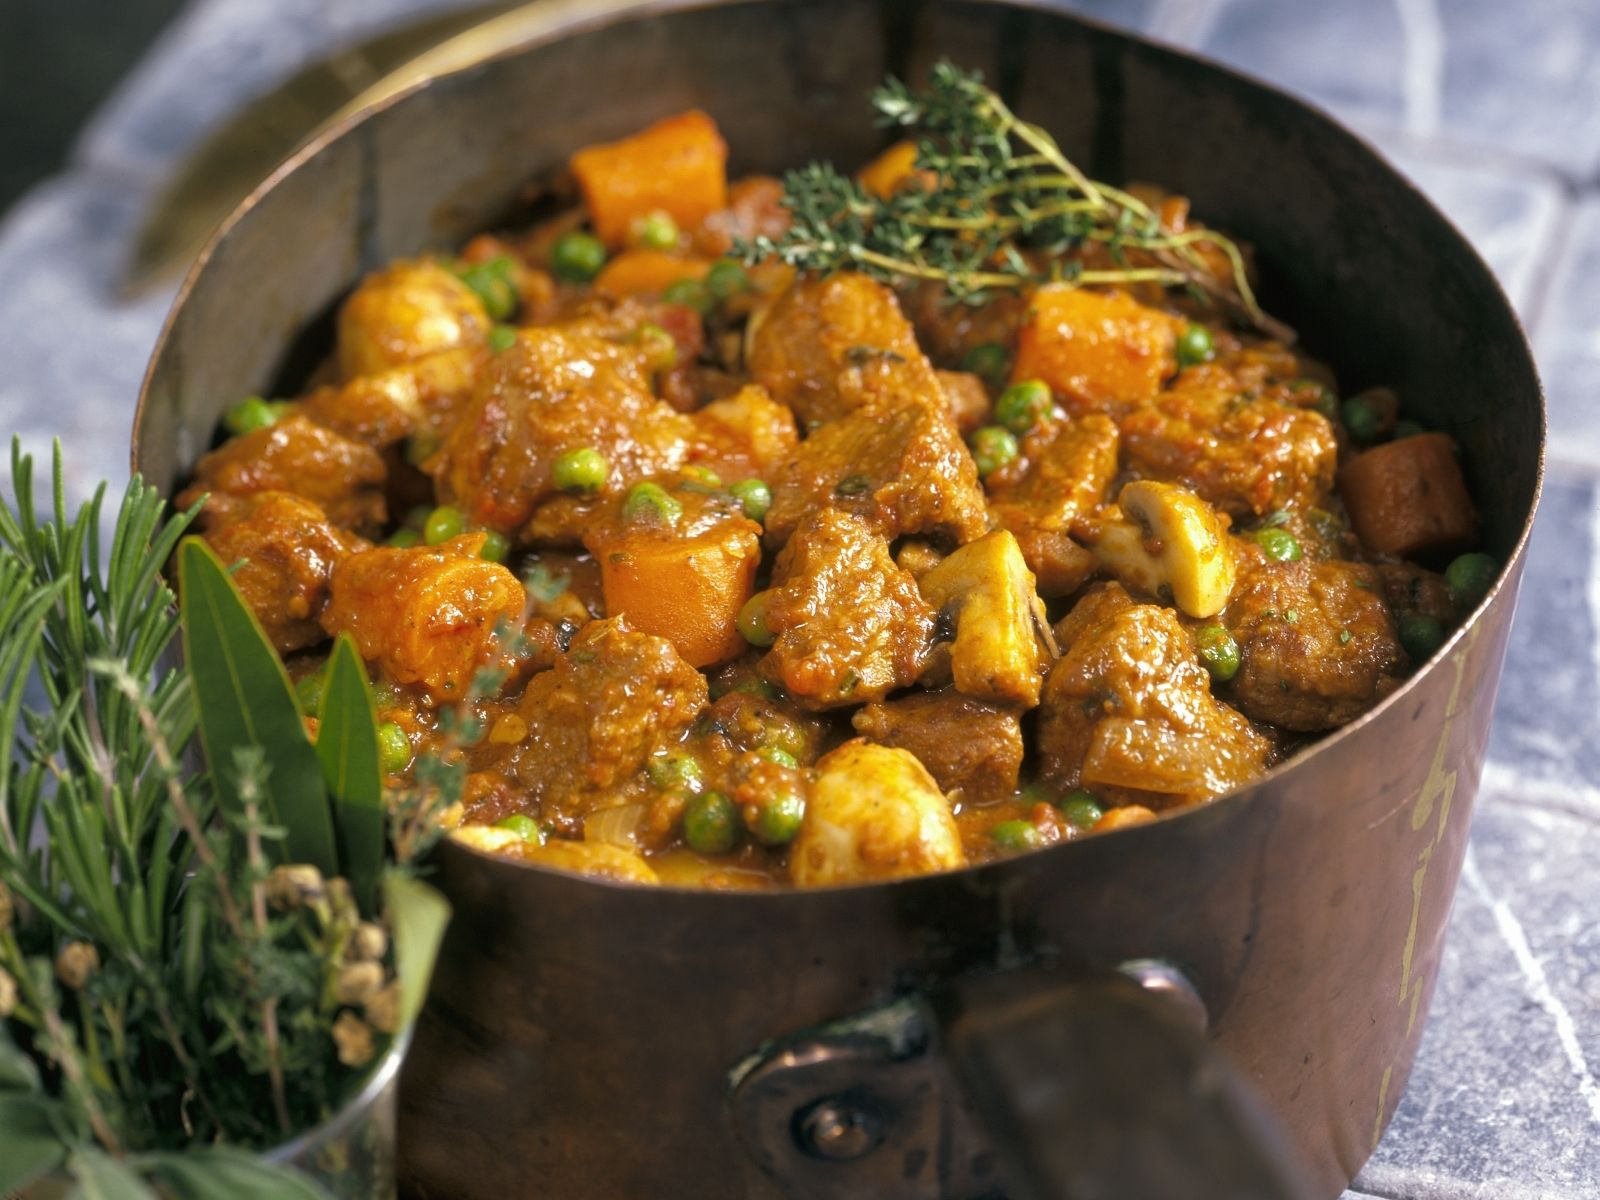 Leichte Küche Mit Fleisch: Eintopf